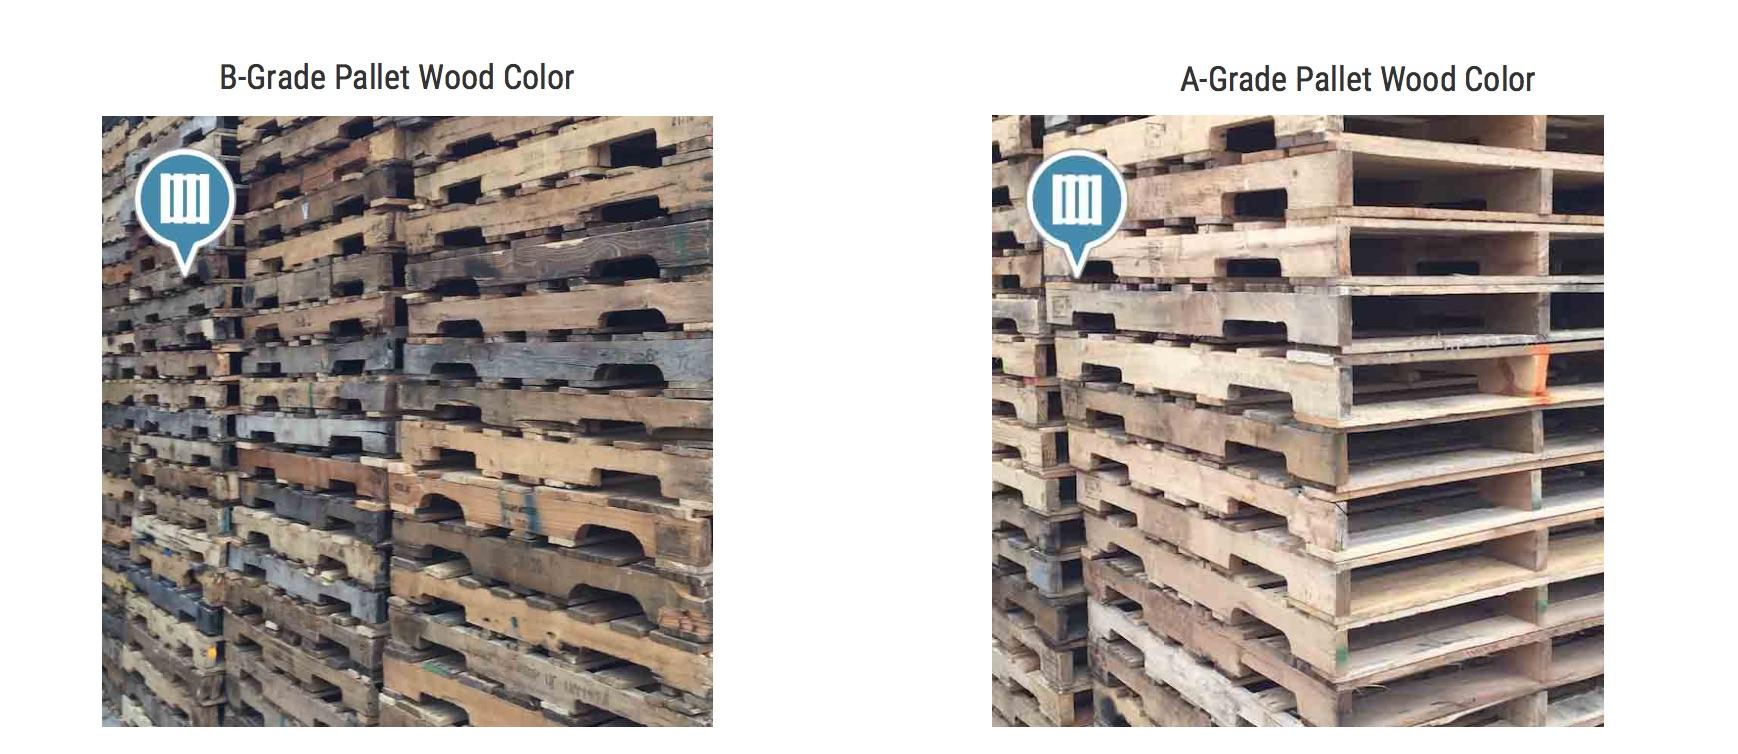 A-Grade Pallet vs B-Grade Pallet